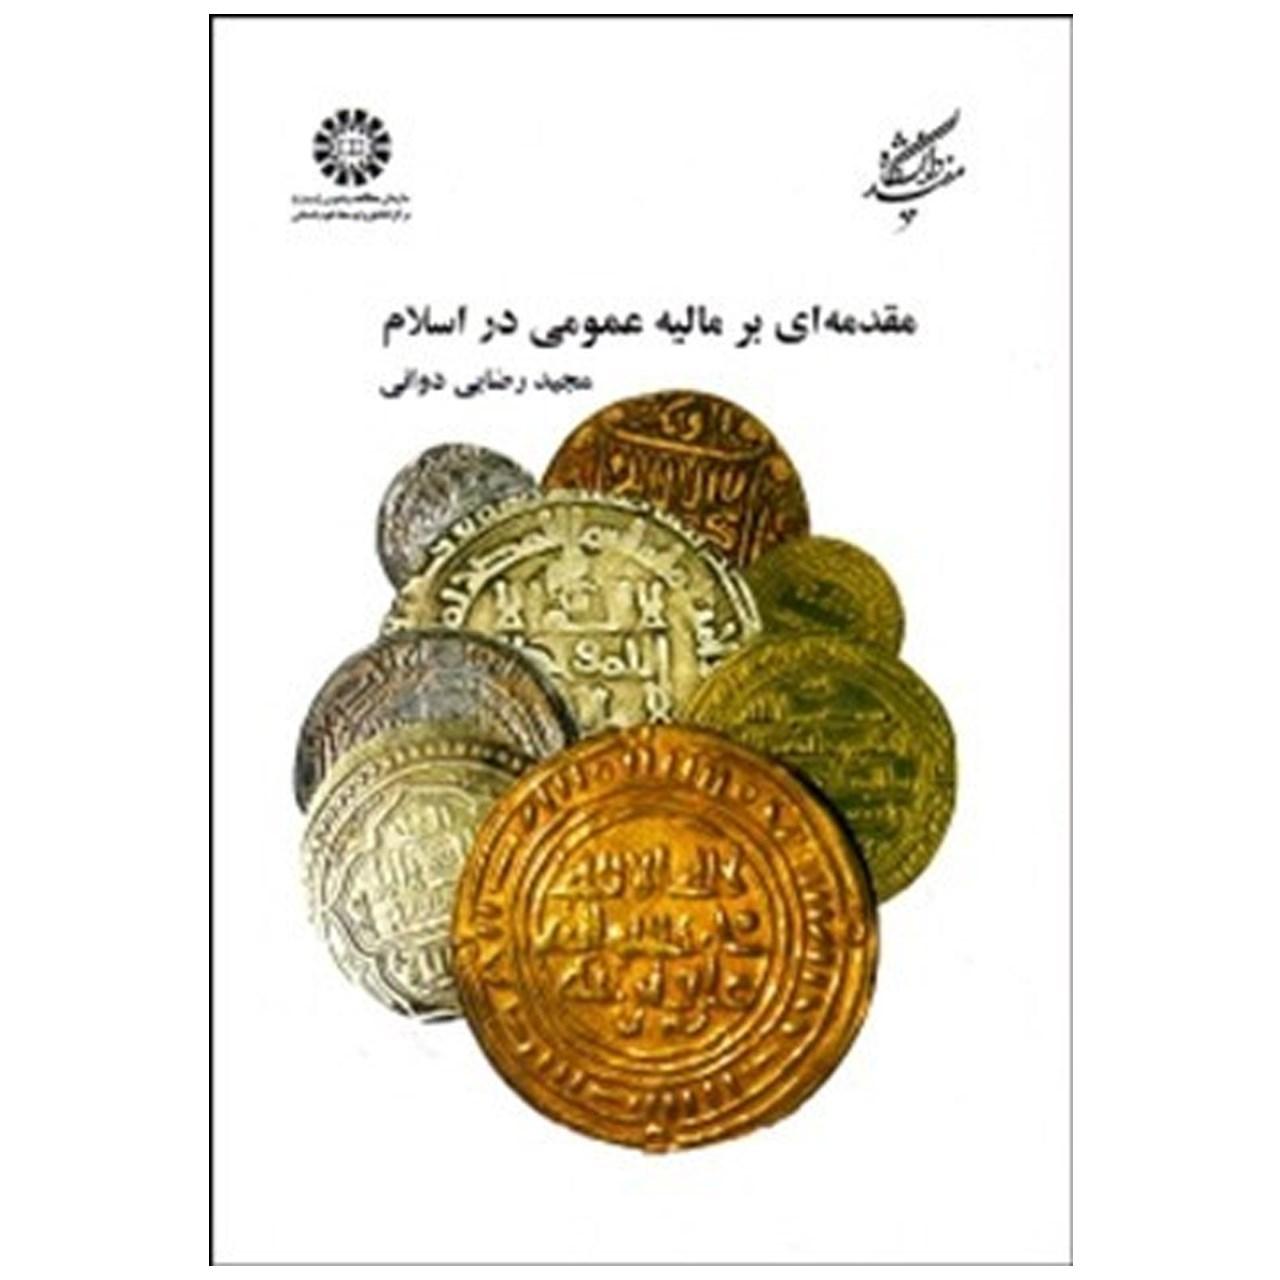 کتاب مقدمه ای بر مالیه عمومی در اسلام اثر مجید رضایی دوانی